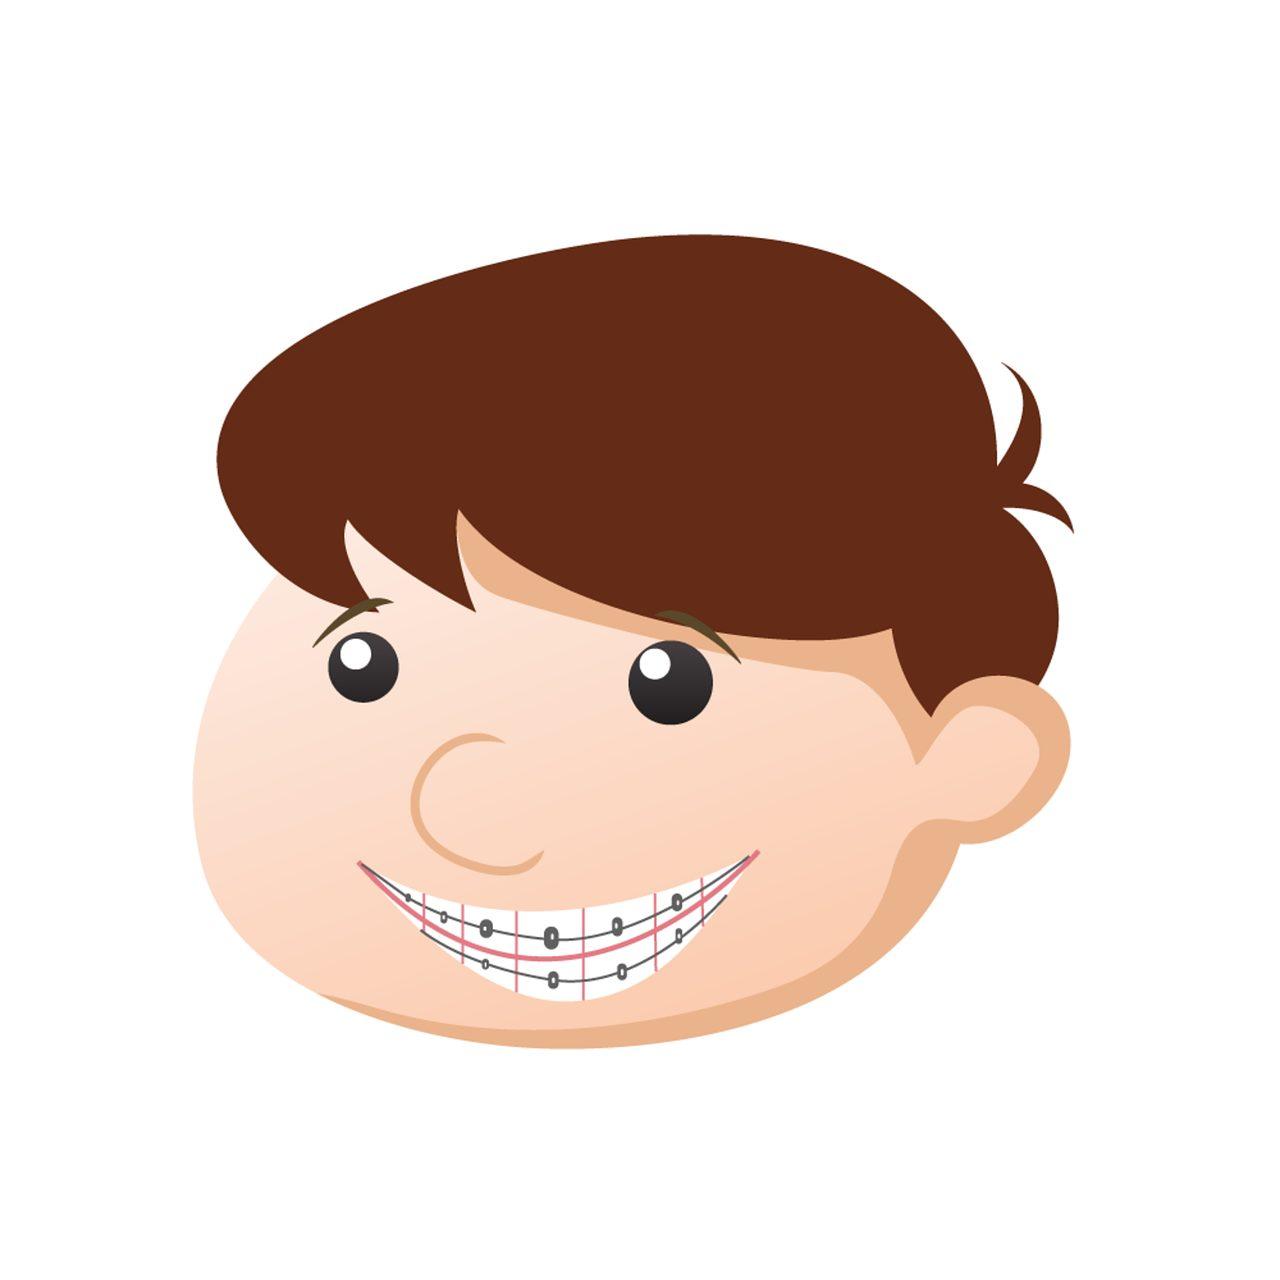 Tandartsenpraktijk Cooten A van tandarts behandelstoel